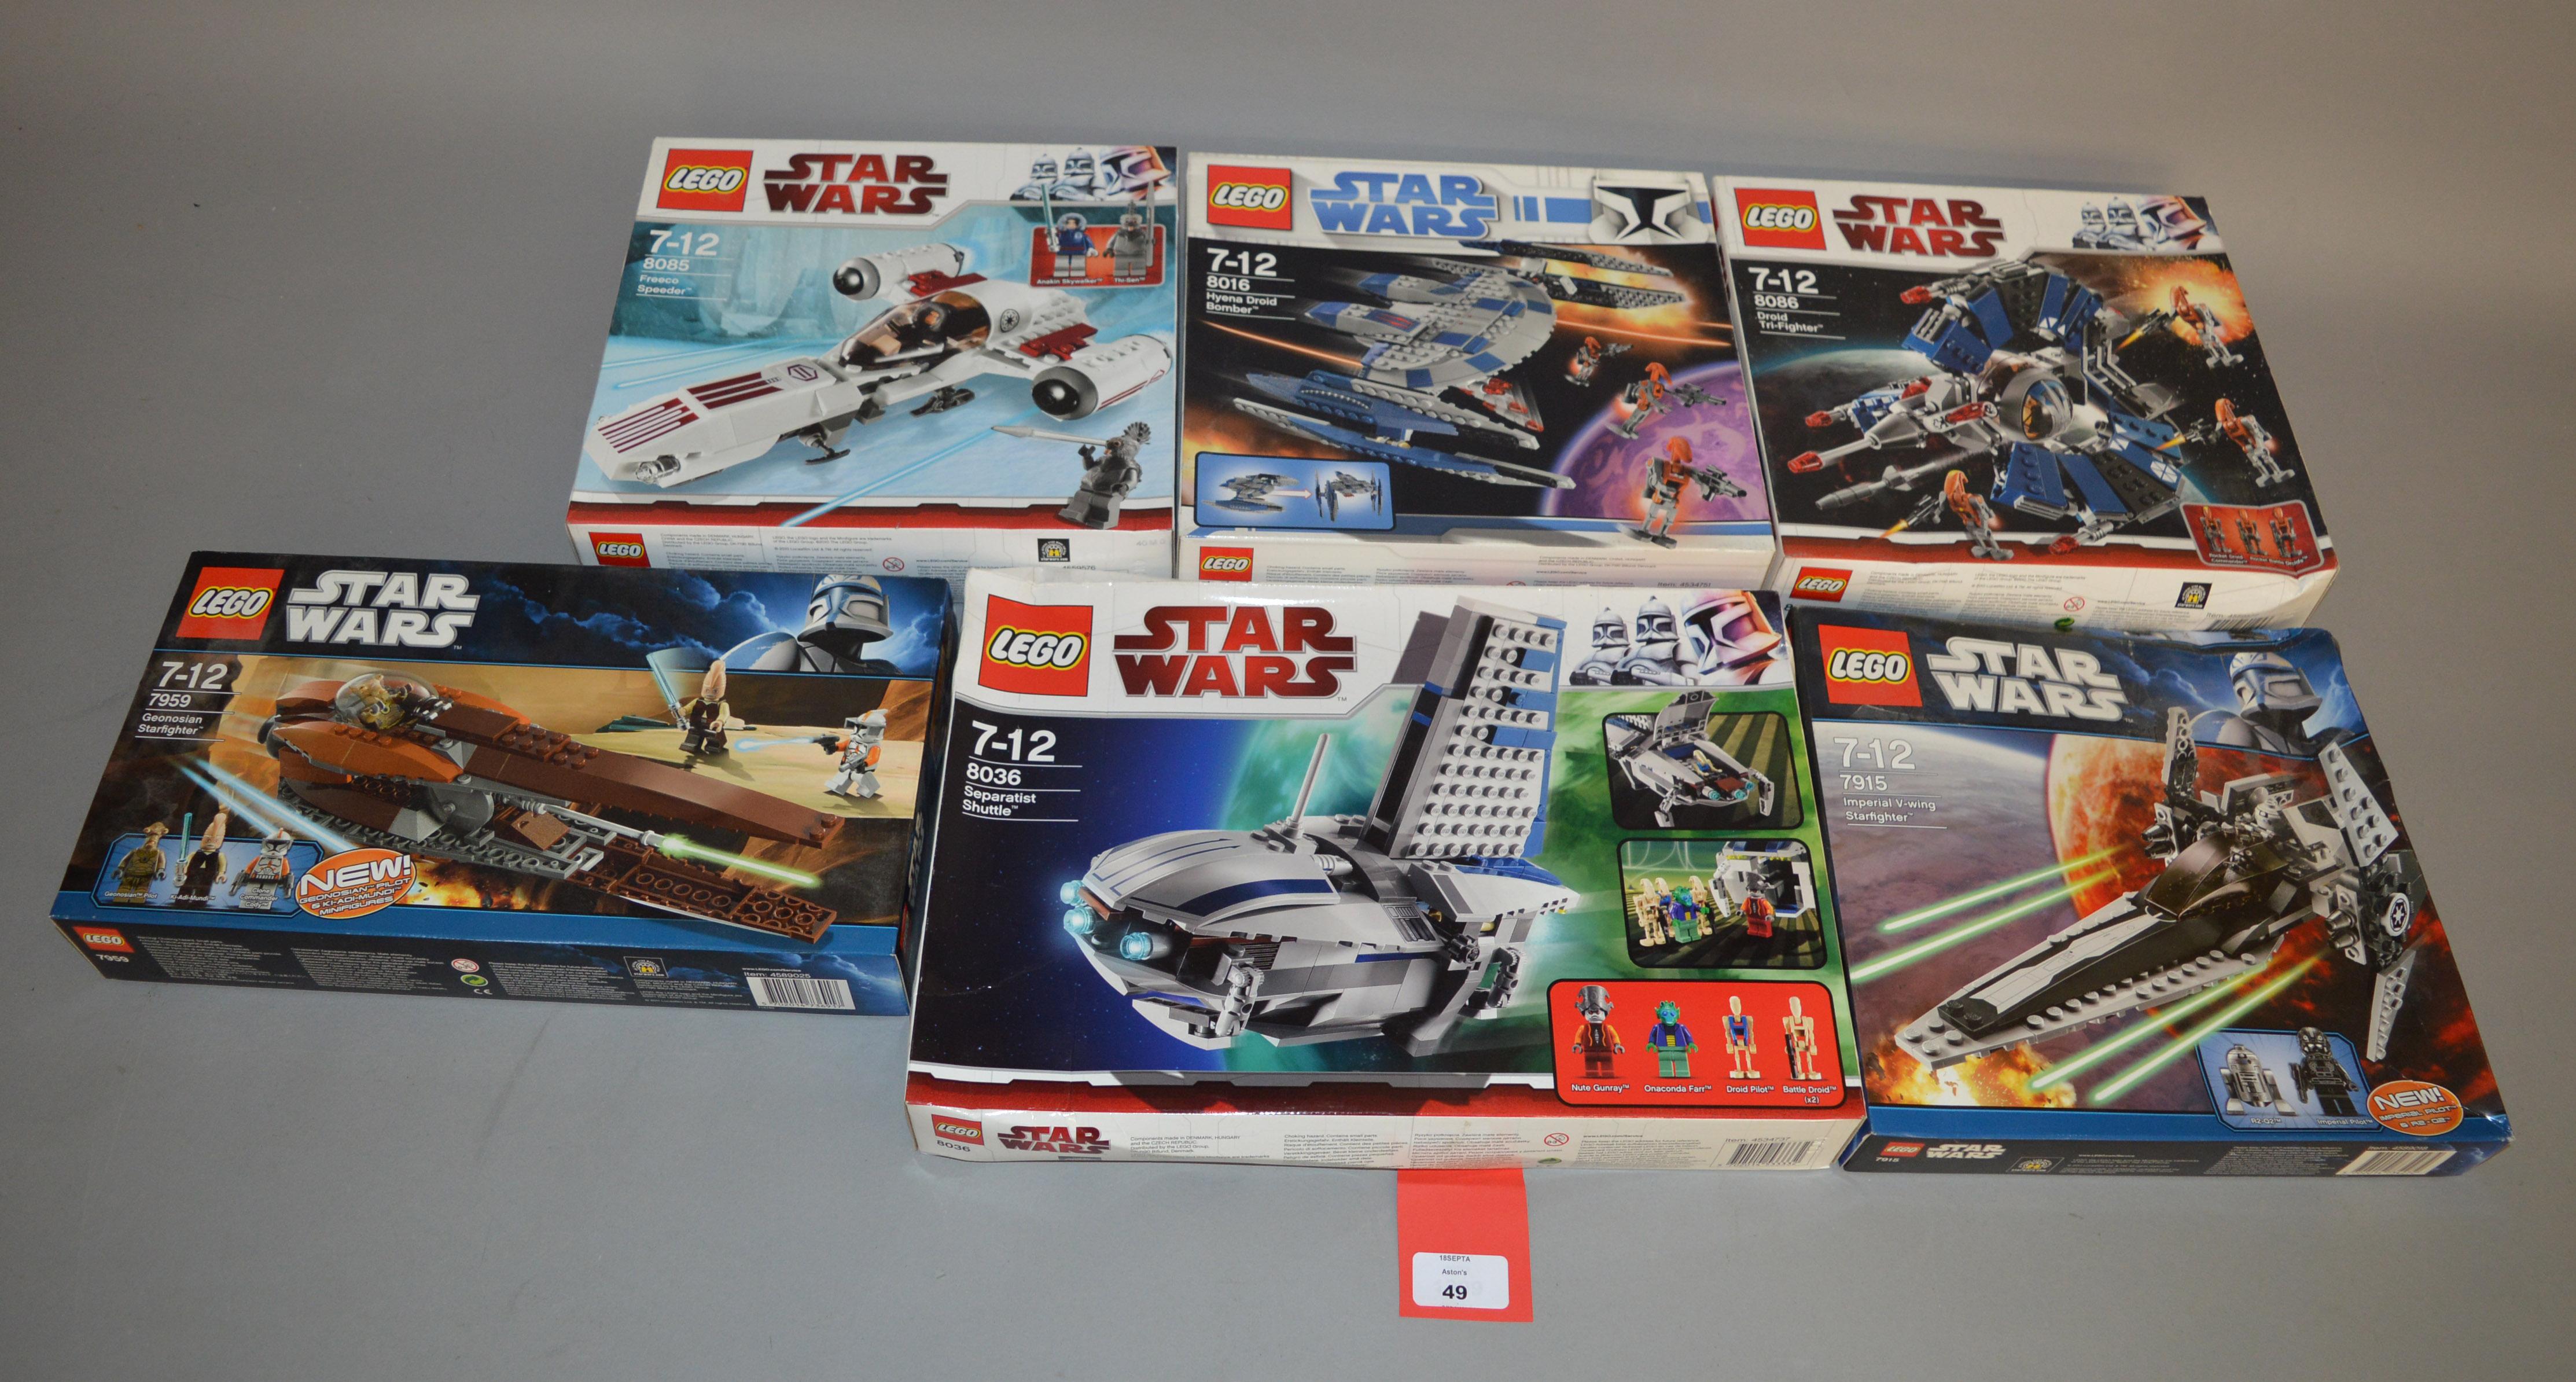 Lot 49 - Lego Star Wars sets: 7915 Imperial V-wing Starfighter; 7959 Geonosian Starfighter;